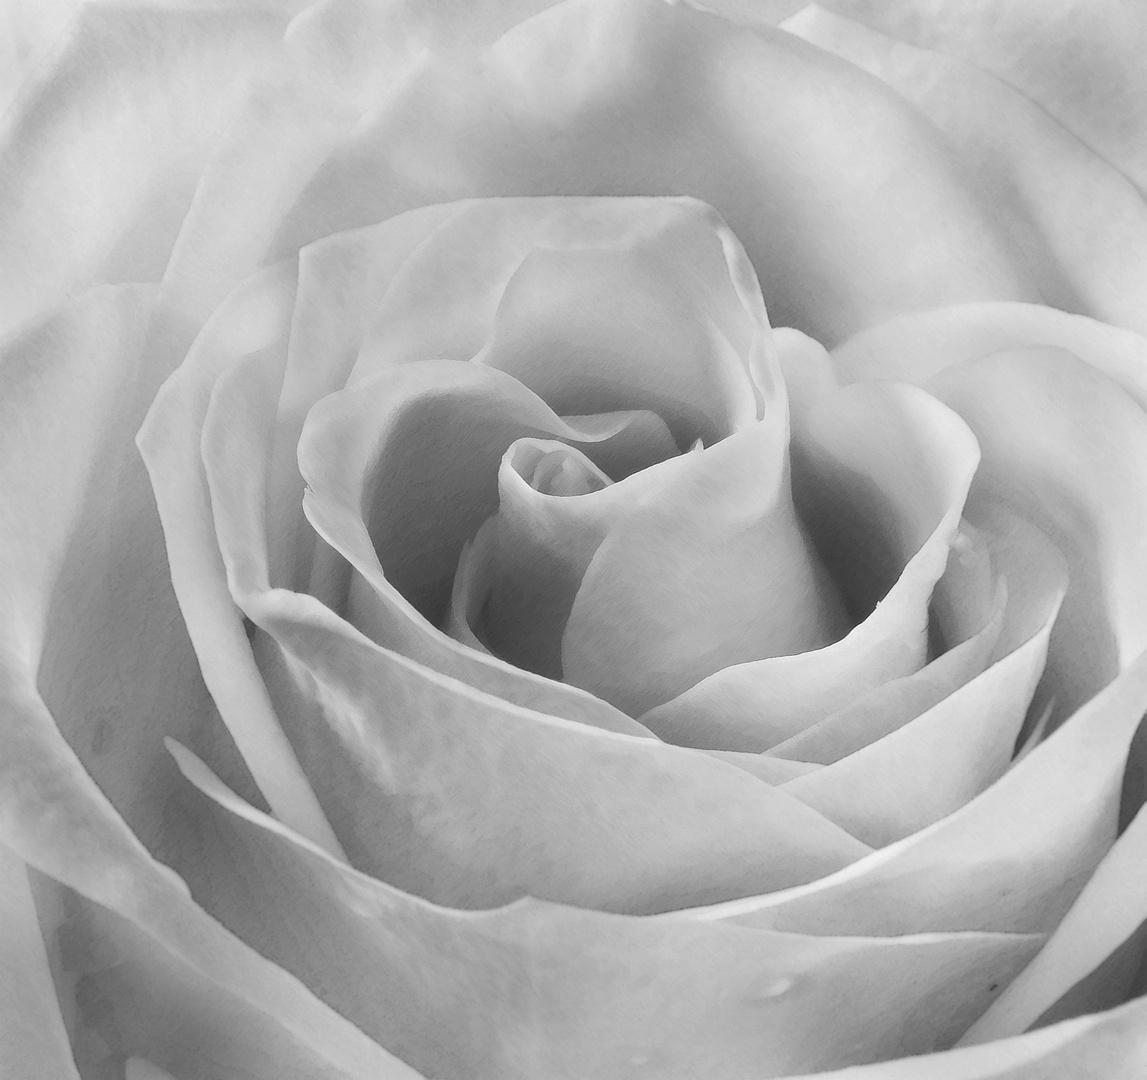 Die unschuldige Rose